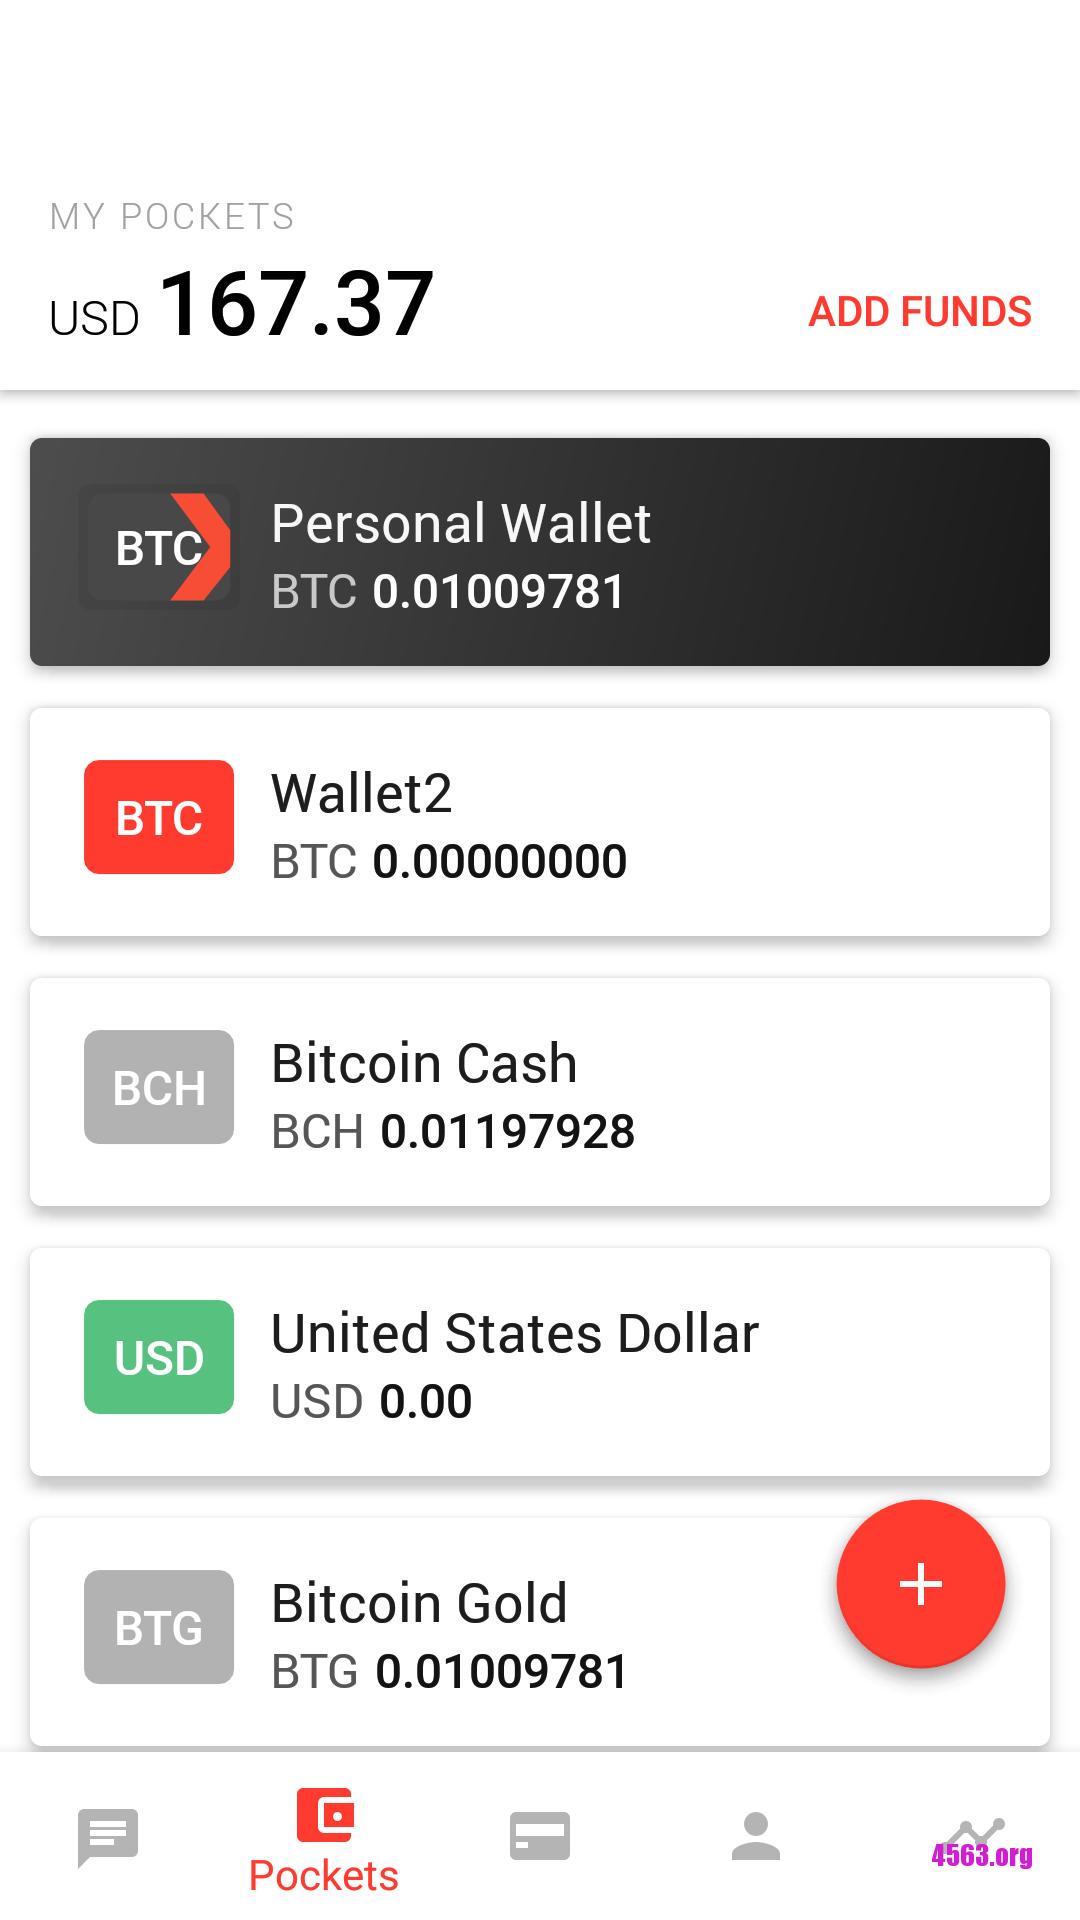 人生第一錯過是炒域名 , 第二錯過是Bitcoin